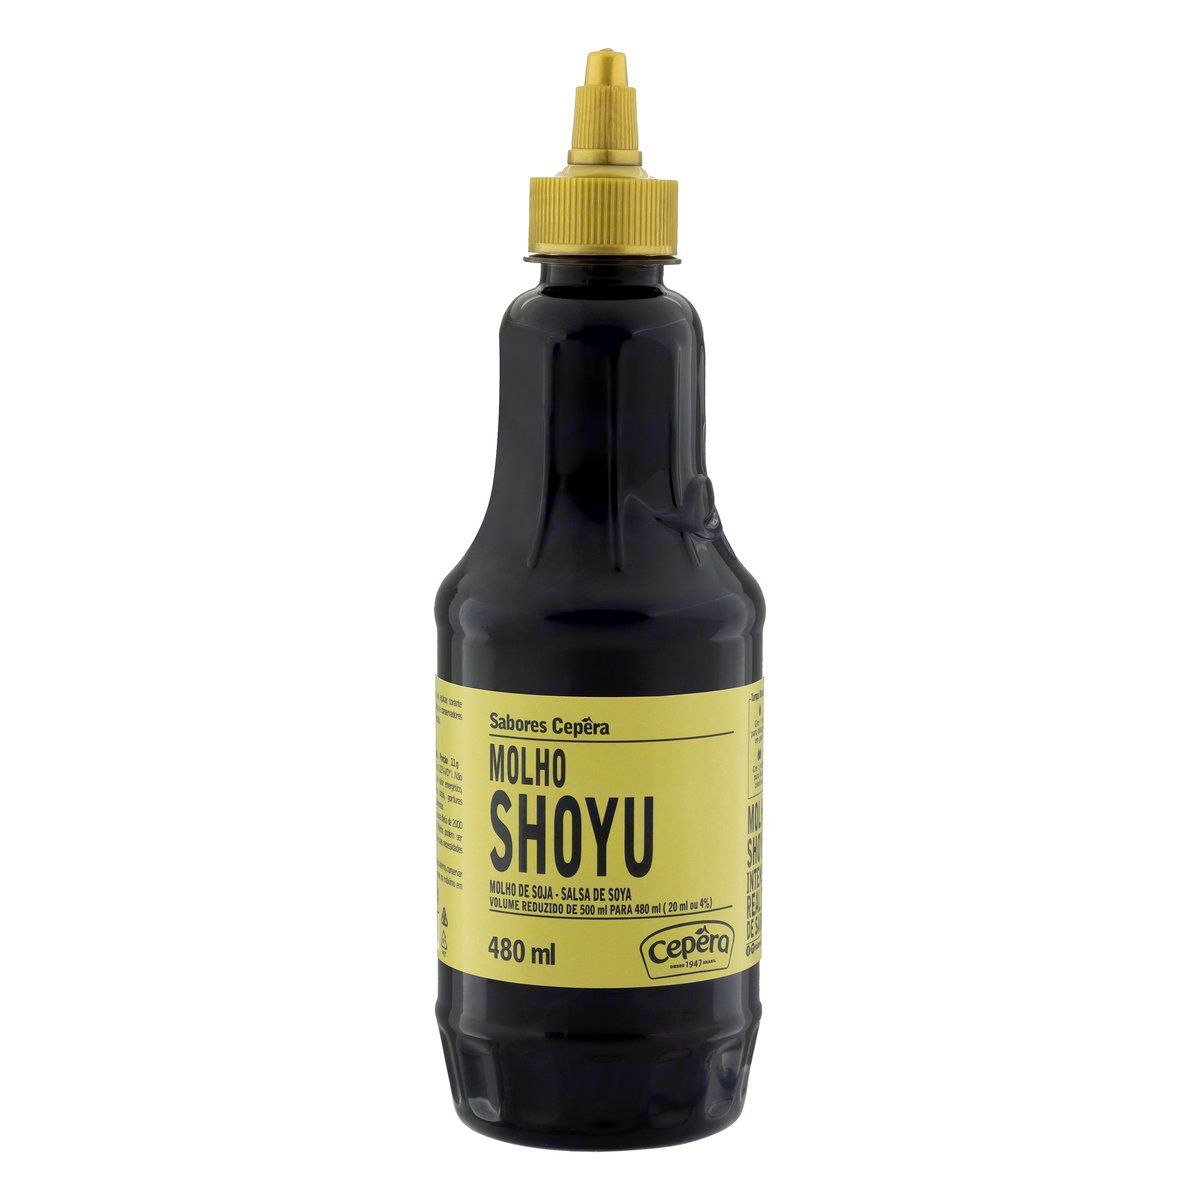 Molho Shoyu 480ml